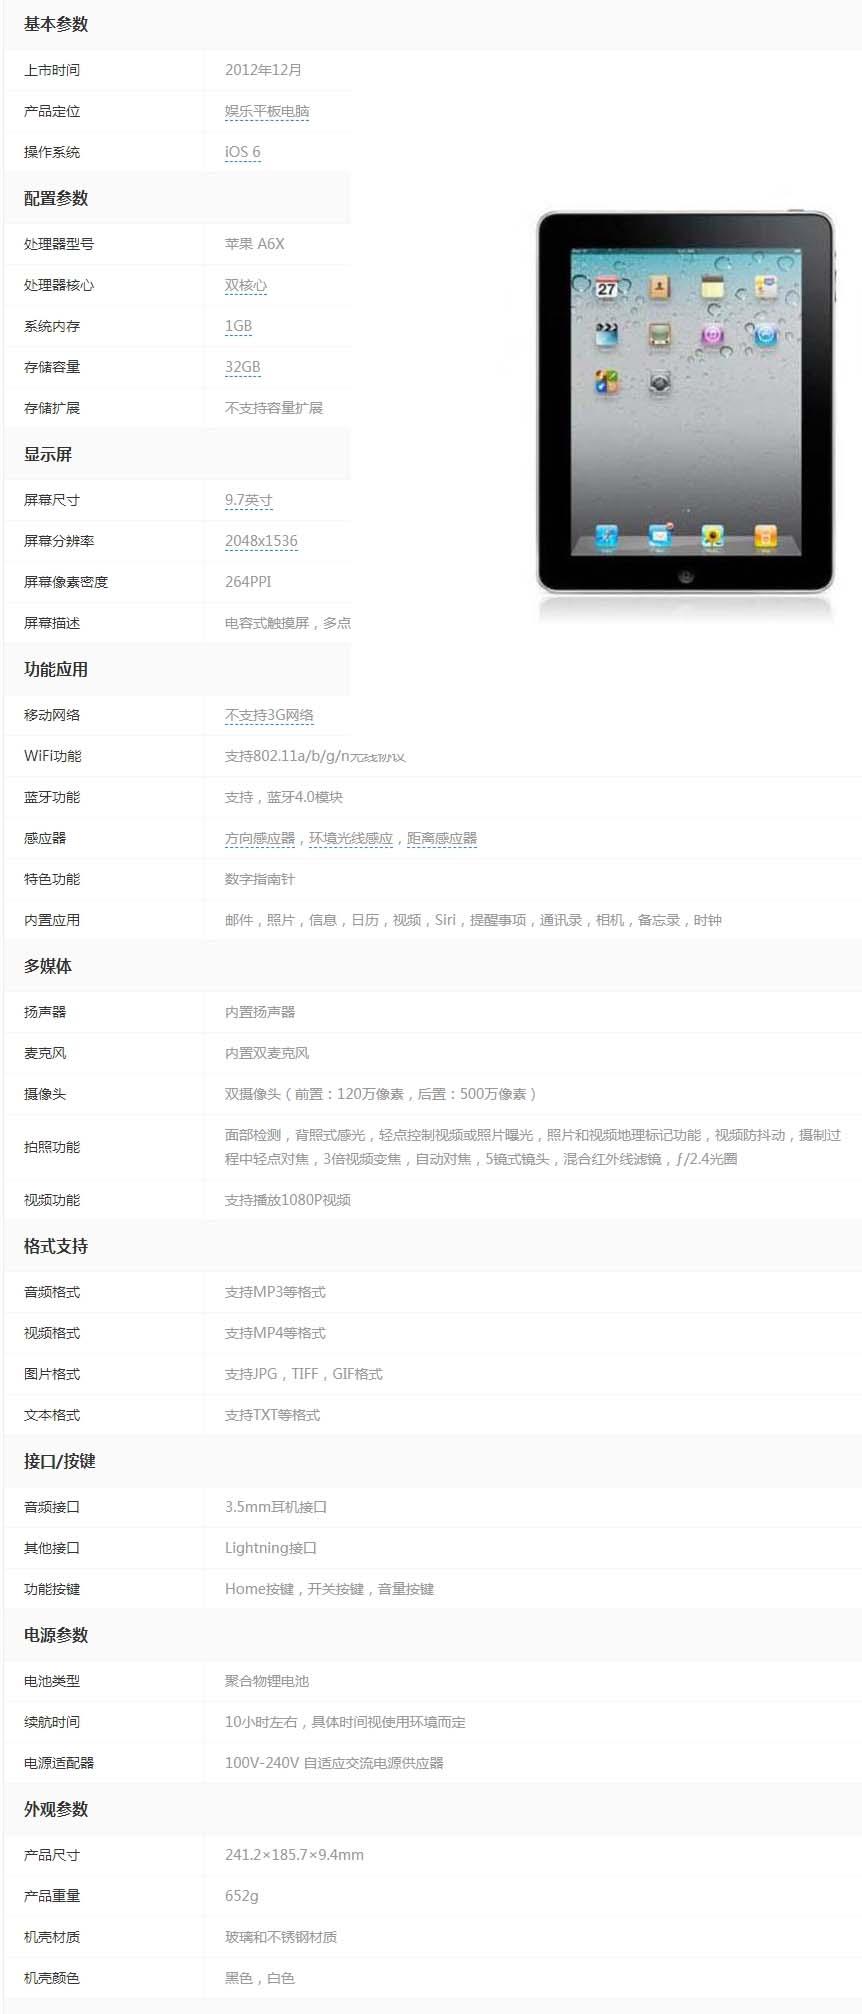 【苹果iPad 4 32GB_WiFi版参数.jpg